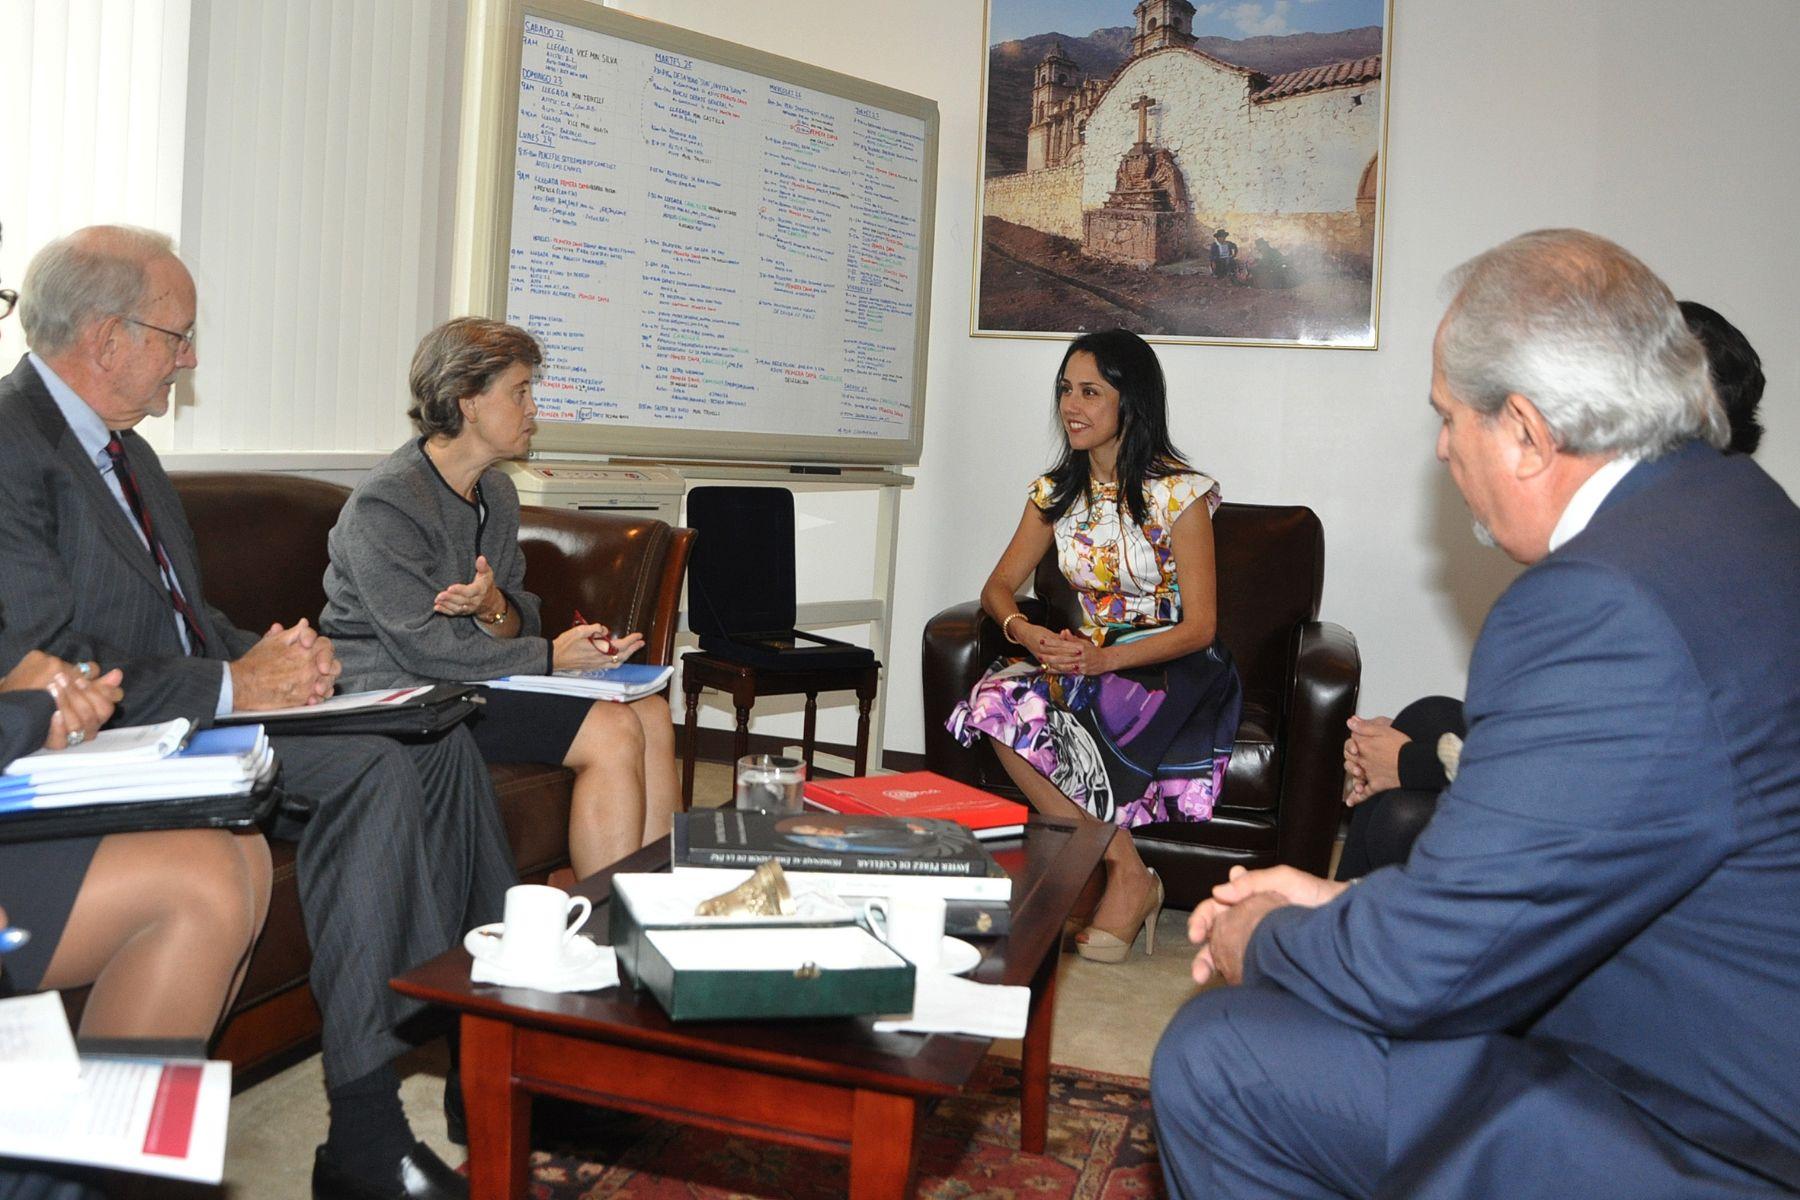 Primera Dama Nadine Heredia se reunió con representante del Secretario General de la ONU en temas de violencia infantil, Martha Santos y con director ejecutivo de Unicef, Anthony Lake. Foto: Prensa/Presidencia.